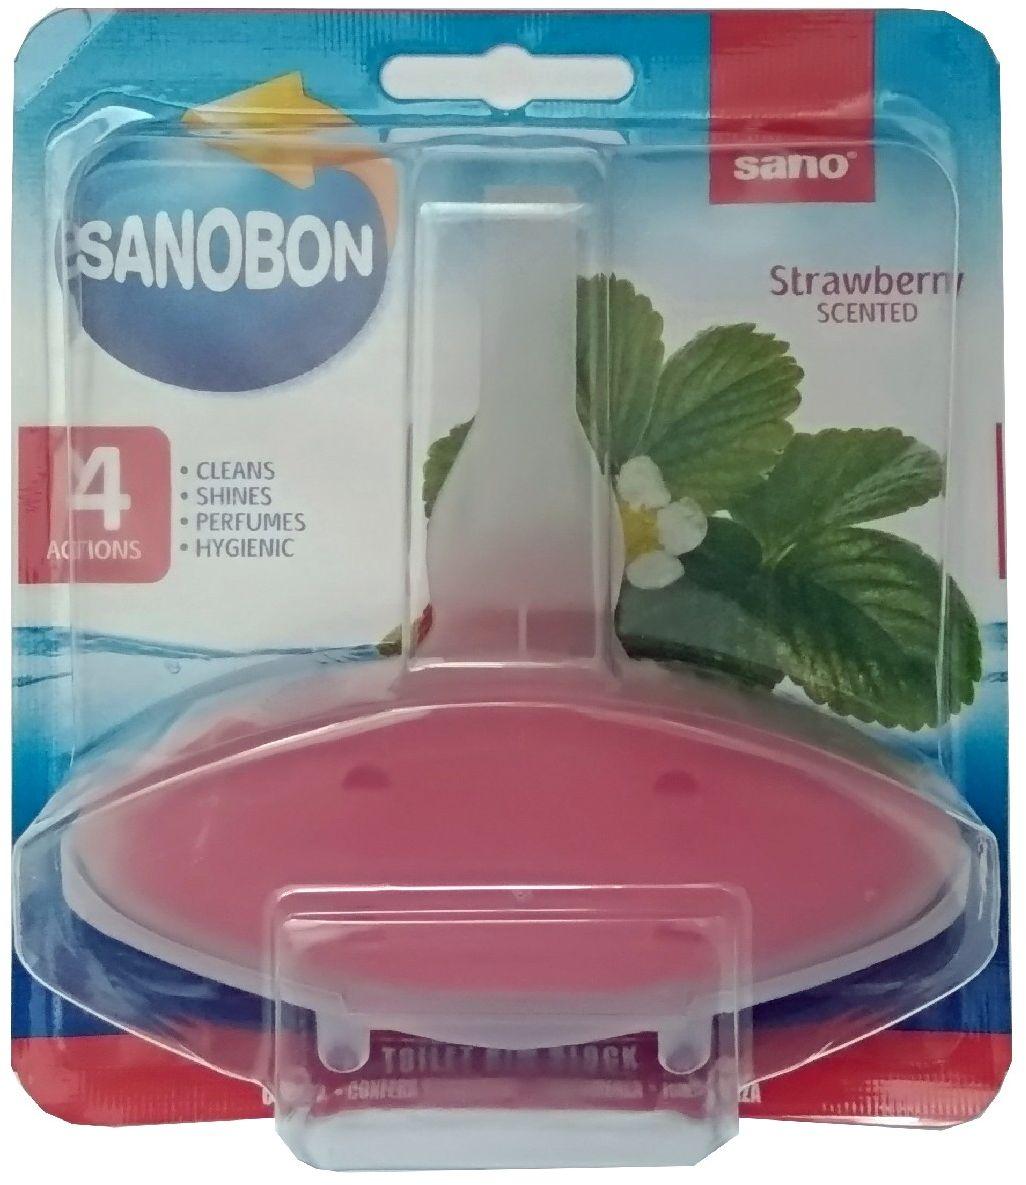 Подвеска для унитаза Sano Sanobon. Strawberry, 55 г600105Подвески для унитаза Sanobon Клубника Серия экономичных упаковок для унитаза. До 800 сливов Обеспечивают гигиеническую чистоту, очищают, придают блеск, освежают. Аромат свежести. Окрашивает воду в